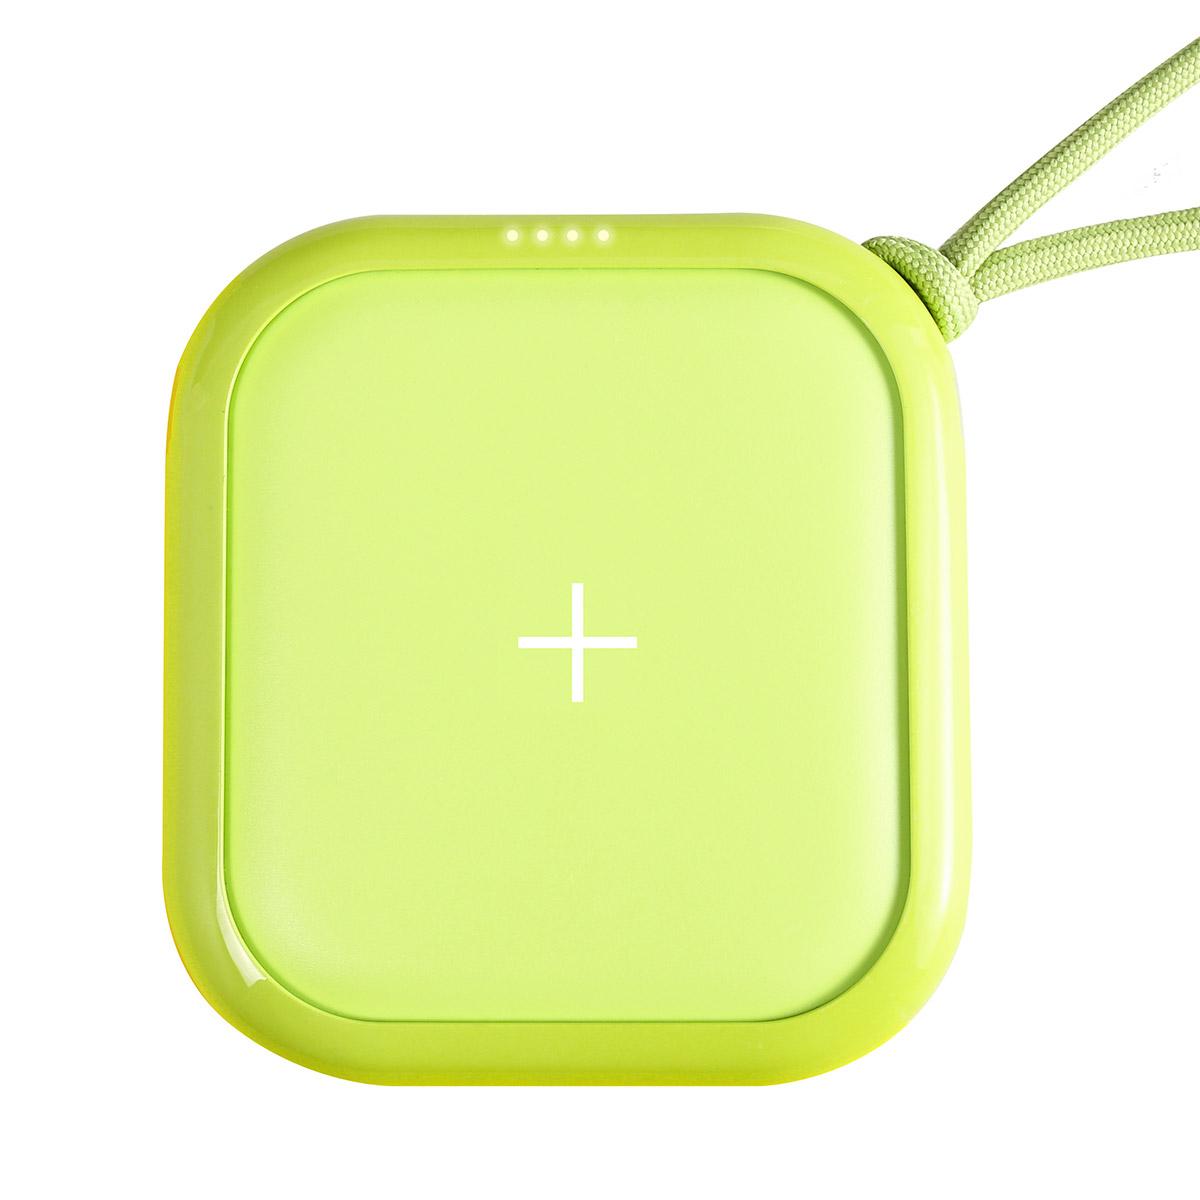 MIPOW ワイヤレスモバイルバッテリー POWER CUBE PRO 10,000mAh ネオングリーン